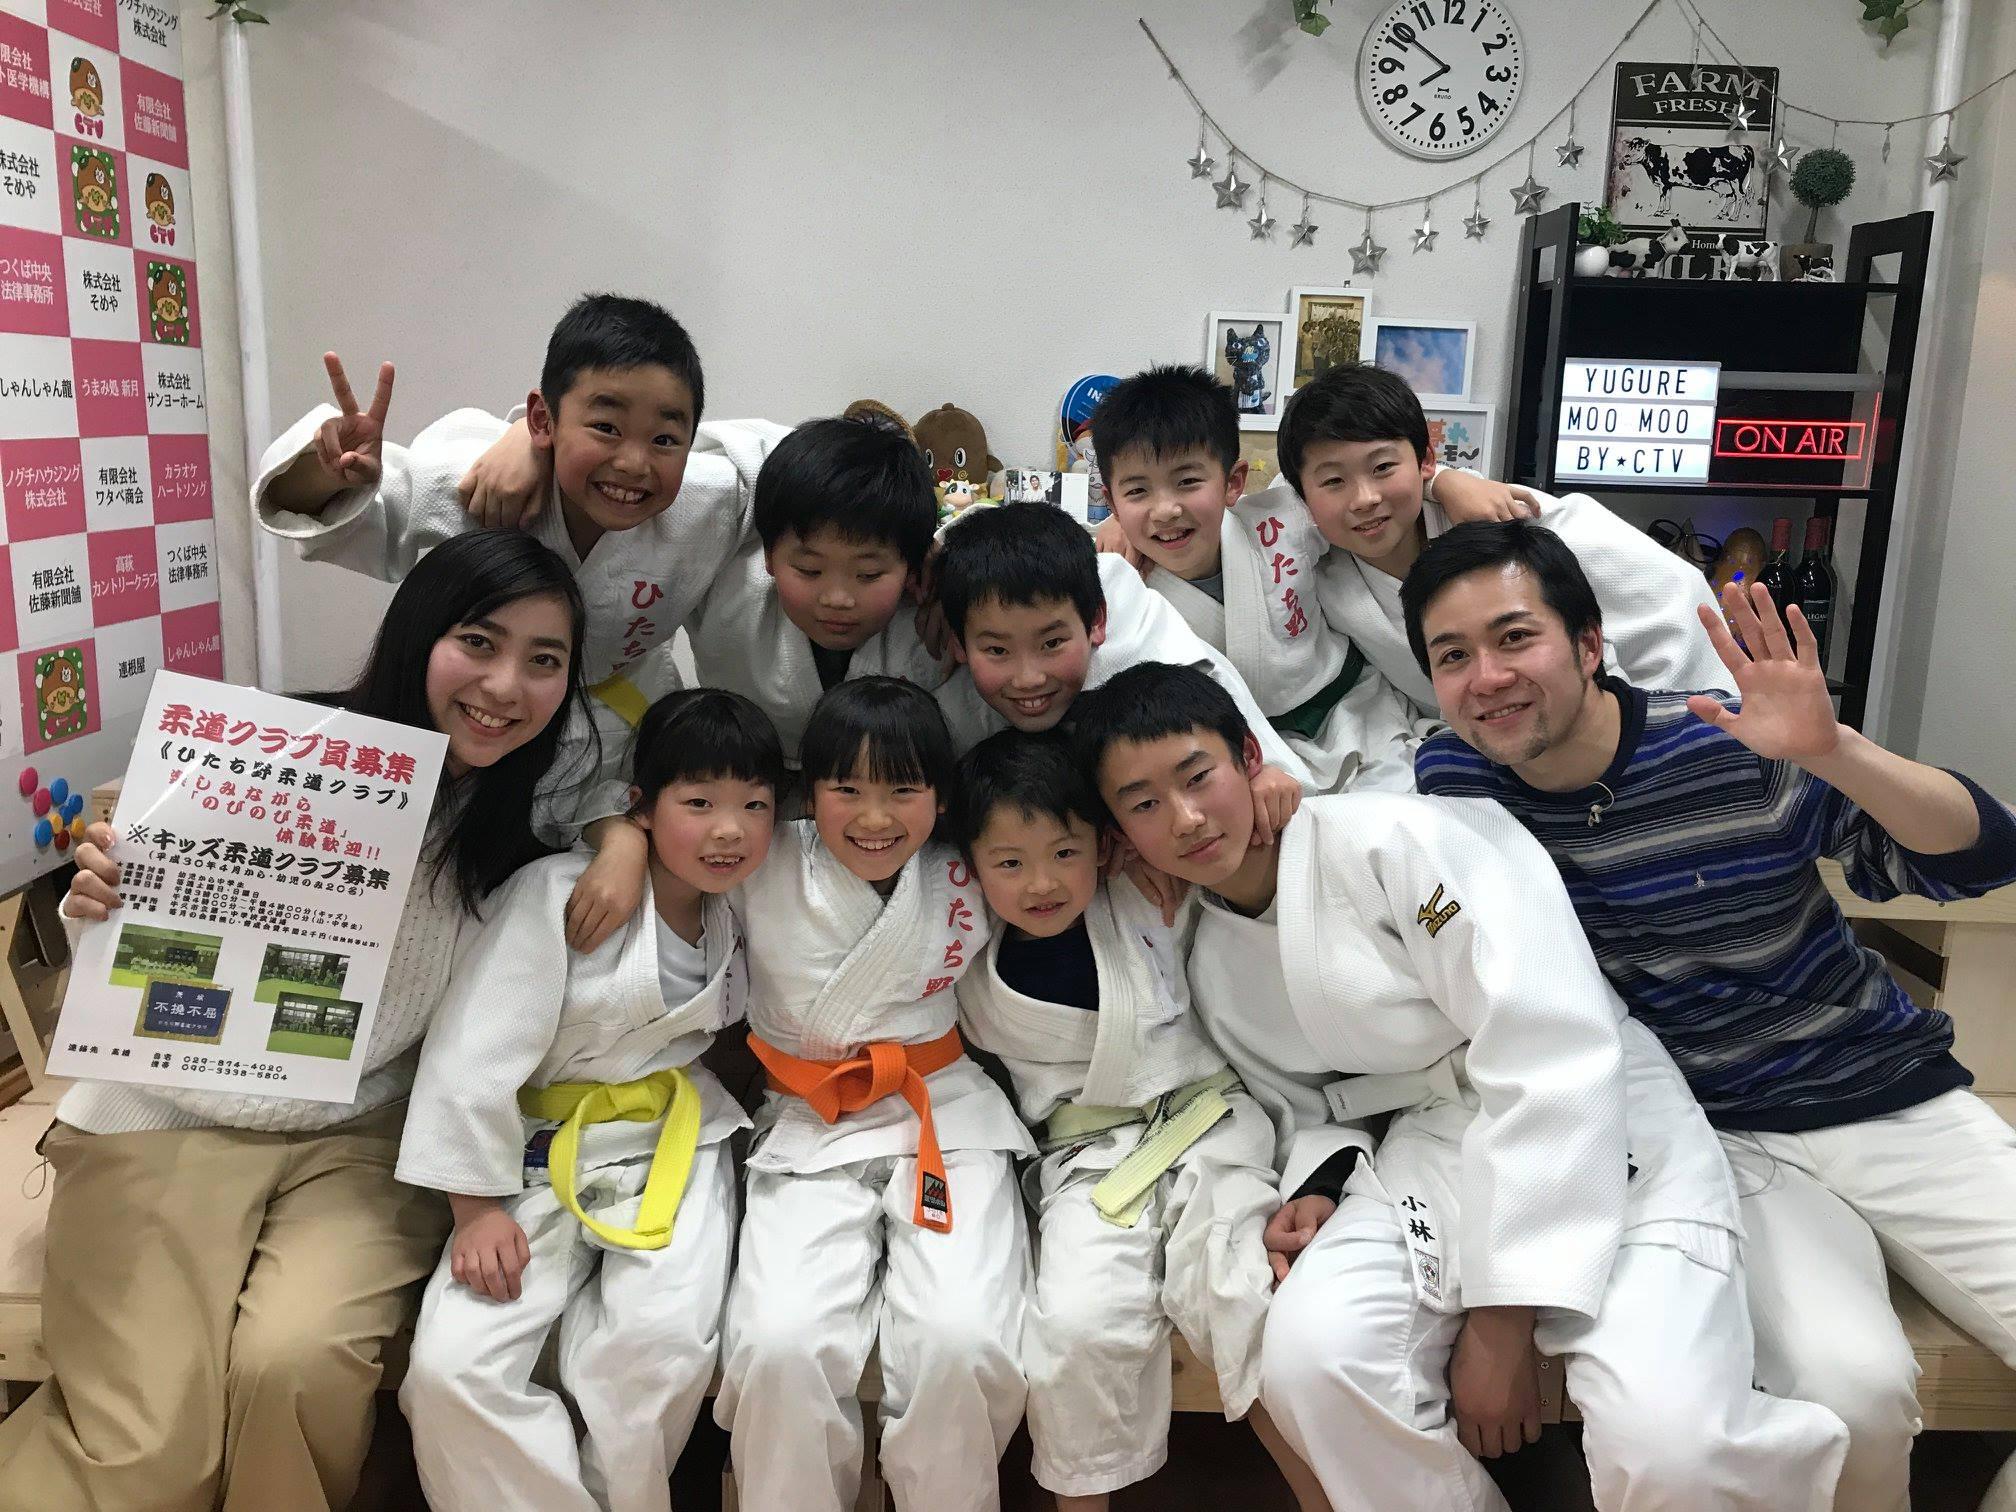 [2018/2/28]♡夕暮れモーモー #218 ひたちの柔道クラブのみんな!